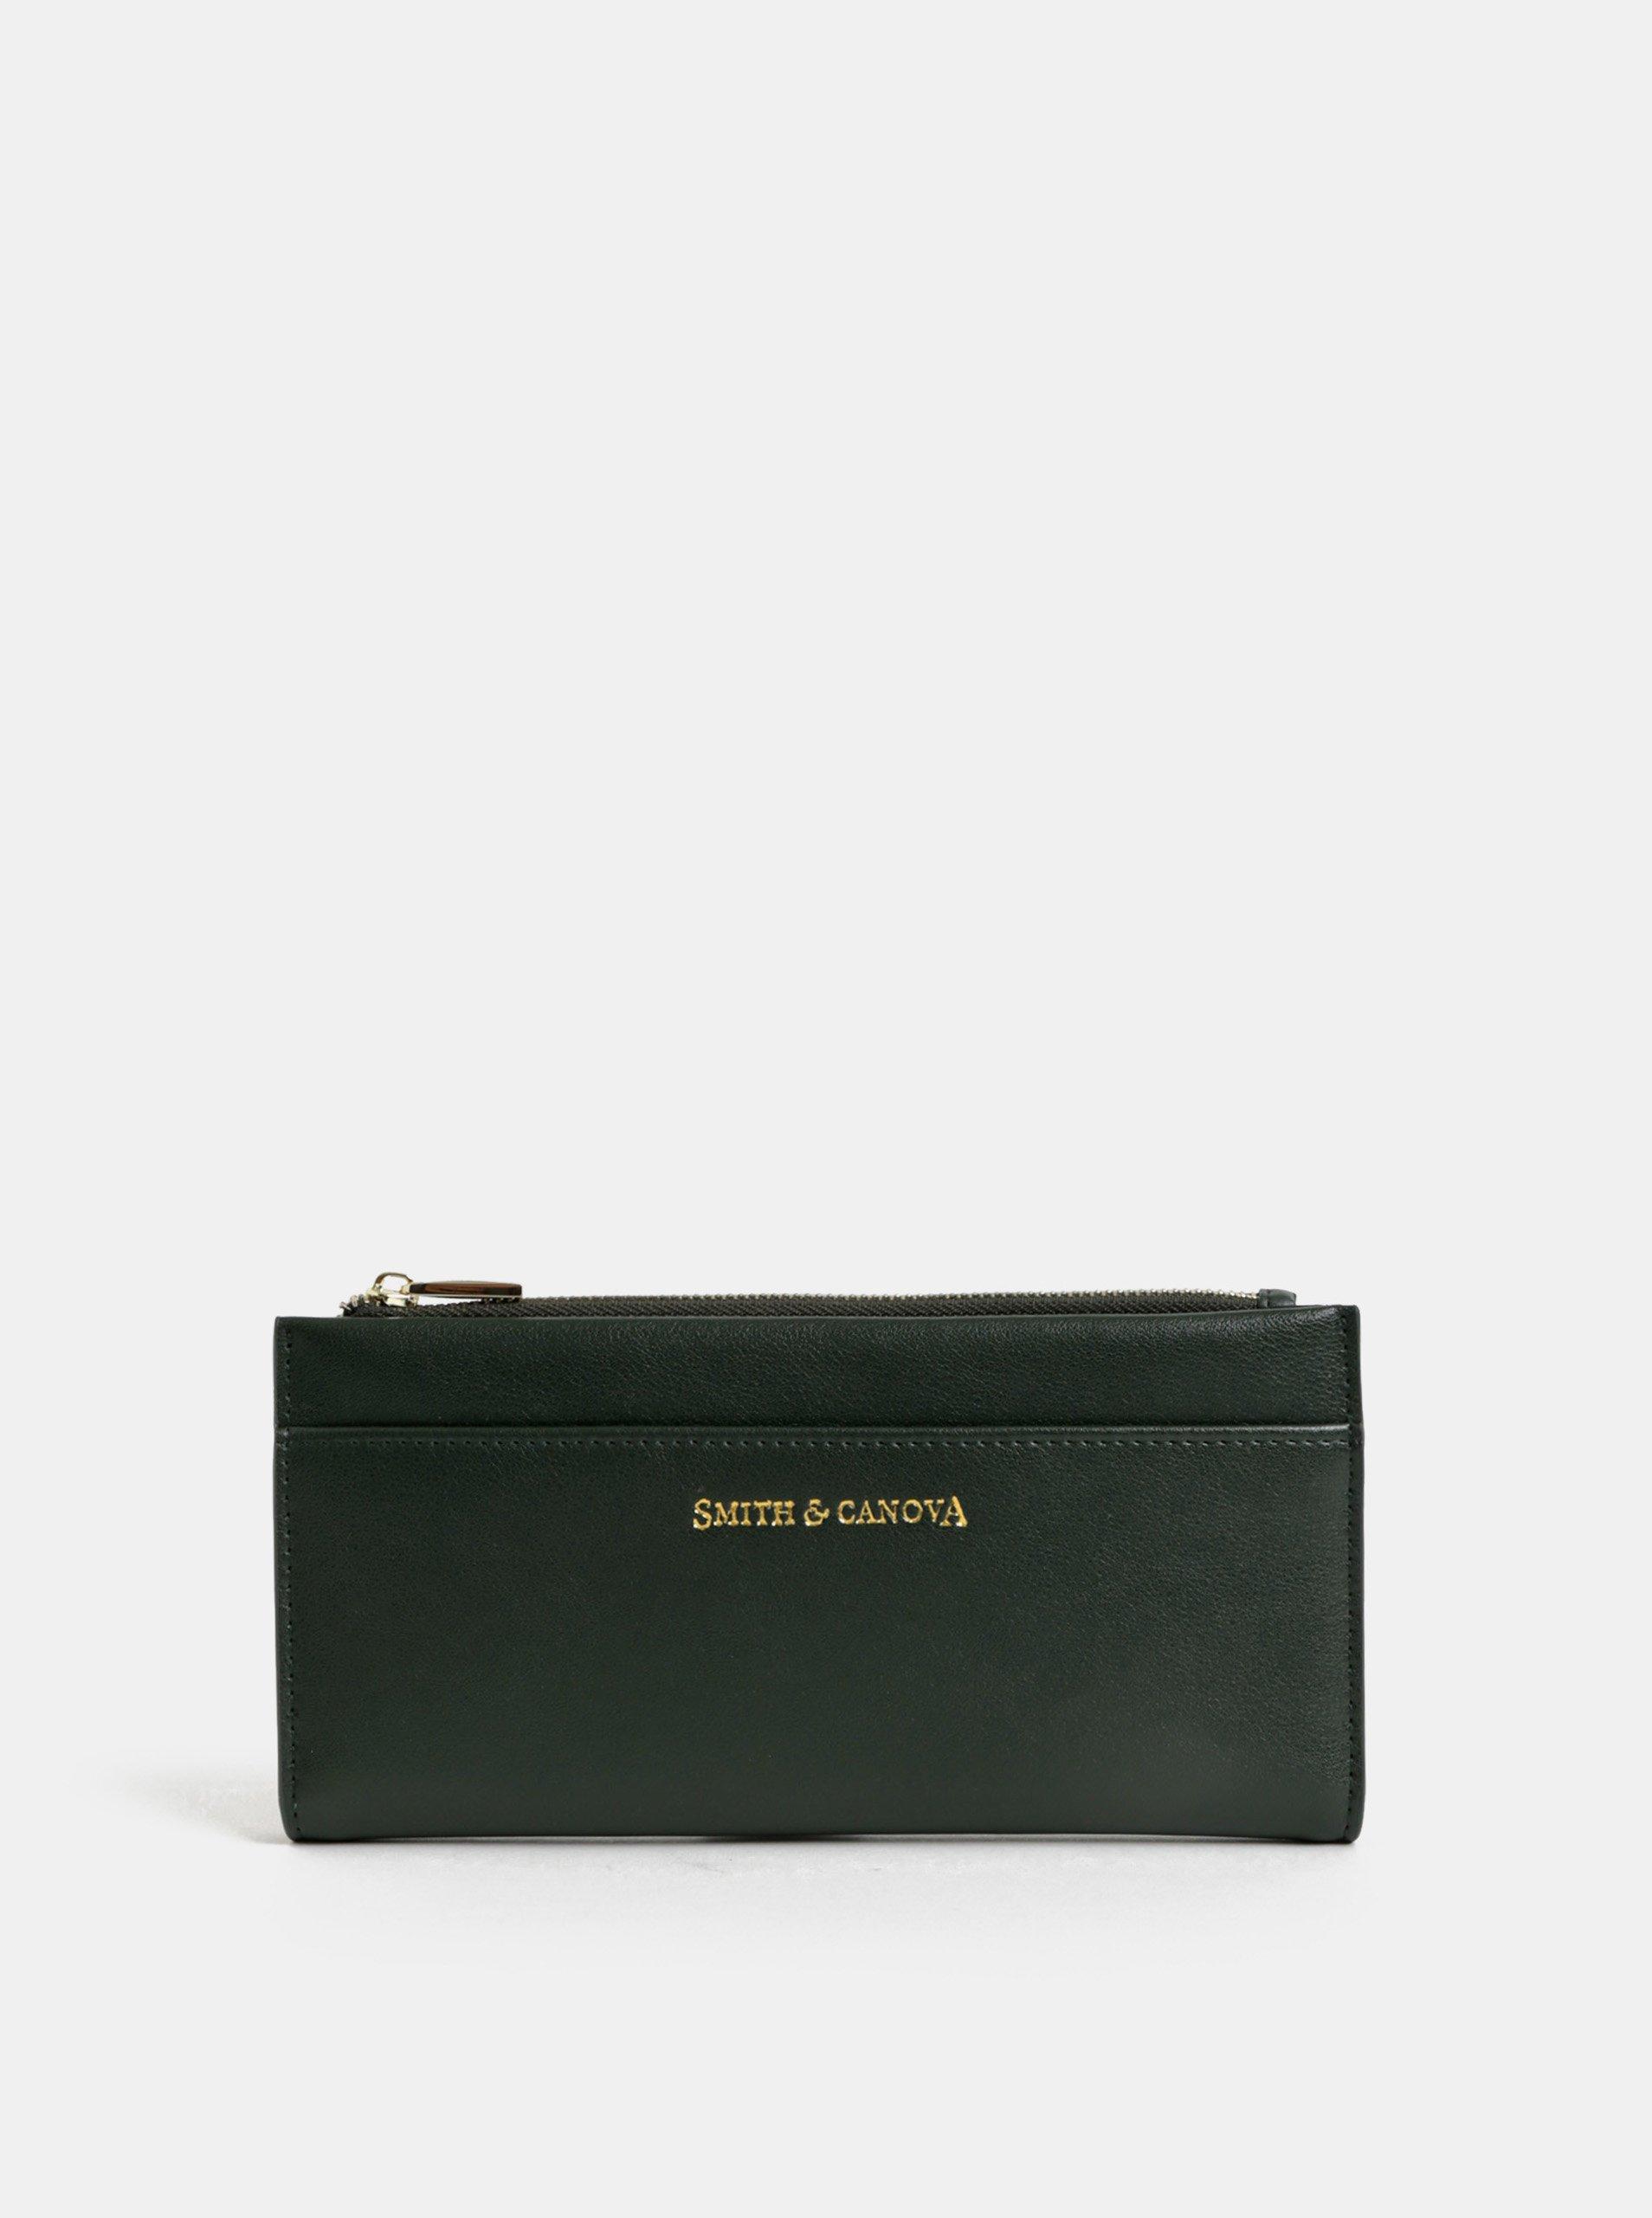 96aa6b76ce33 Tmavě zelená kožená velká peněženka Smith   Canova